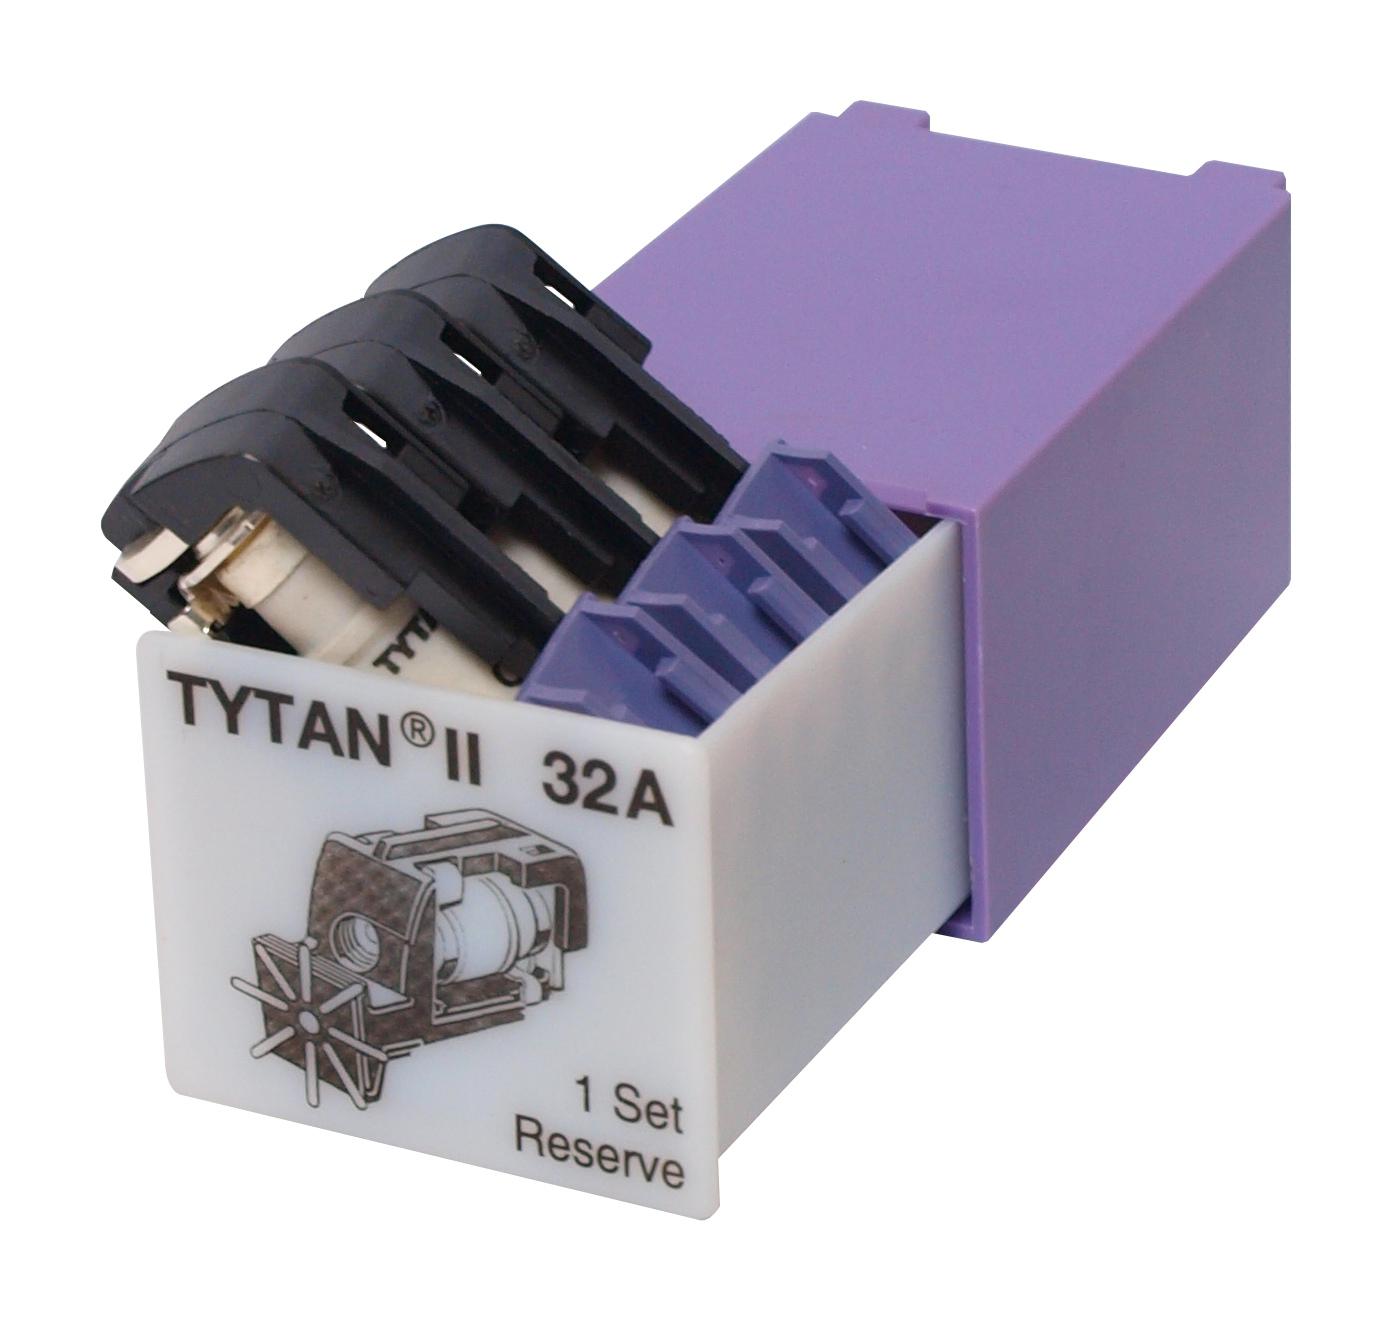 1 Stk Sicherungsstecker für TYTAN II 3x32A mit D0-Sicherung IS504726--